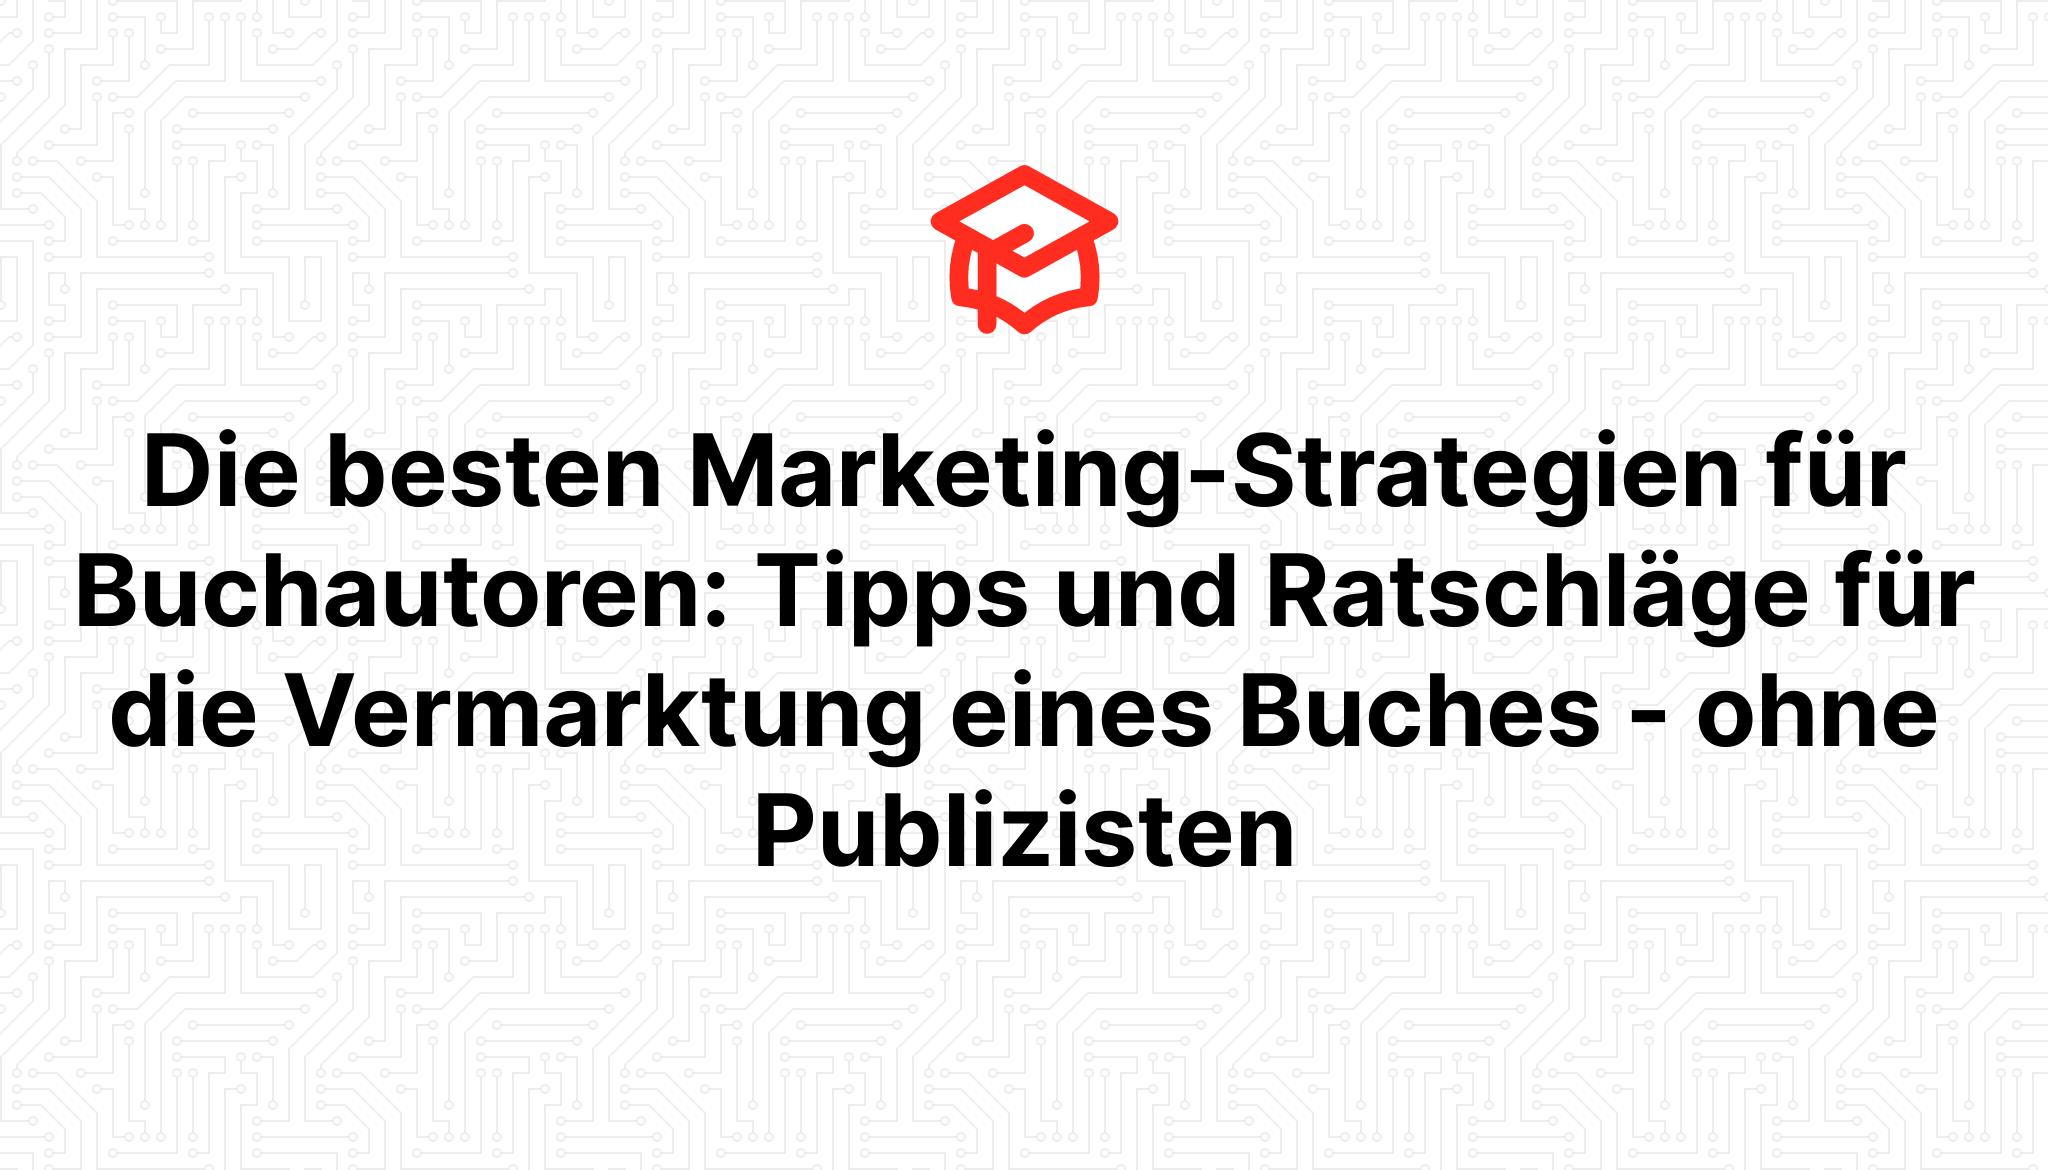 Die besten Marketing-Strategien für Buchautoren: Tipps und Ratschläge für die Vermarktung eines Buches – ohne Publizisten